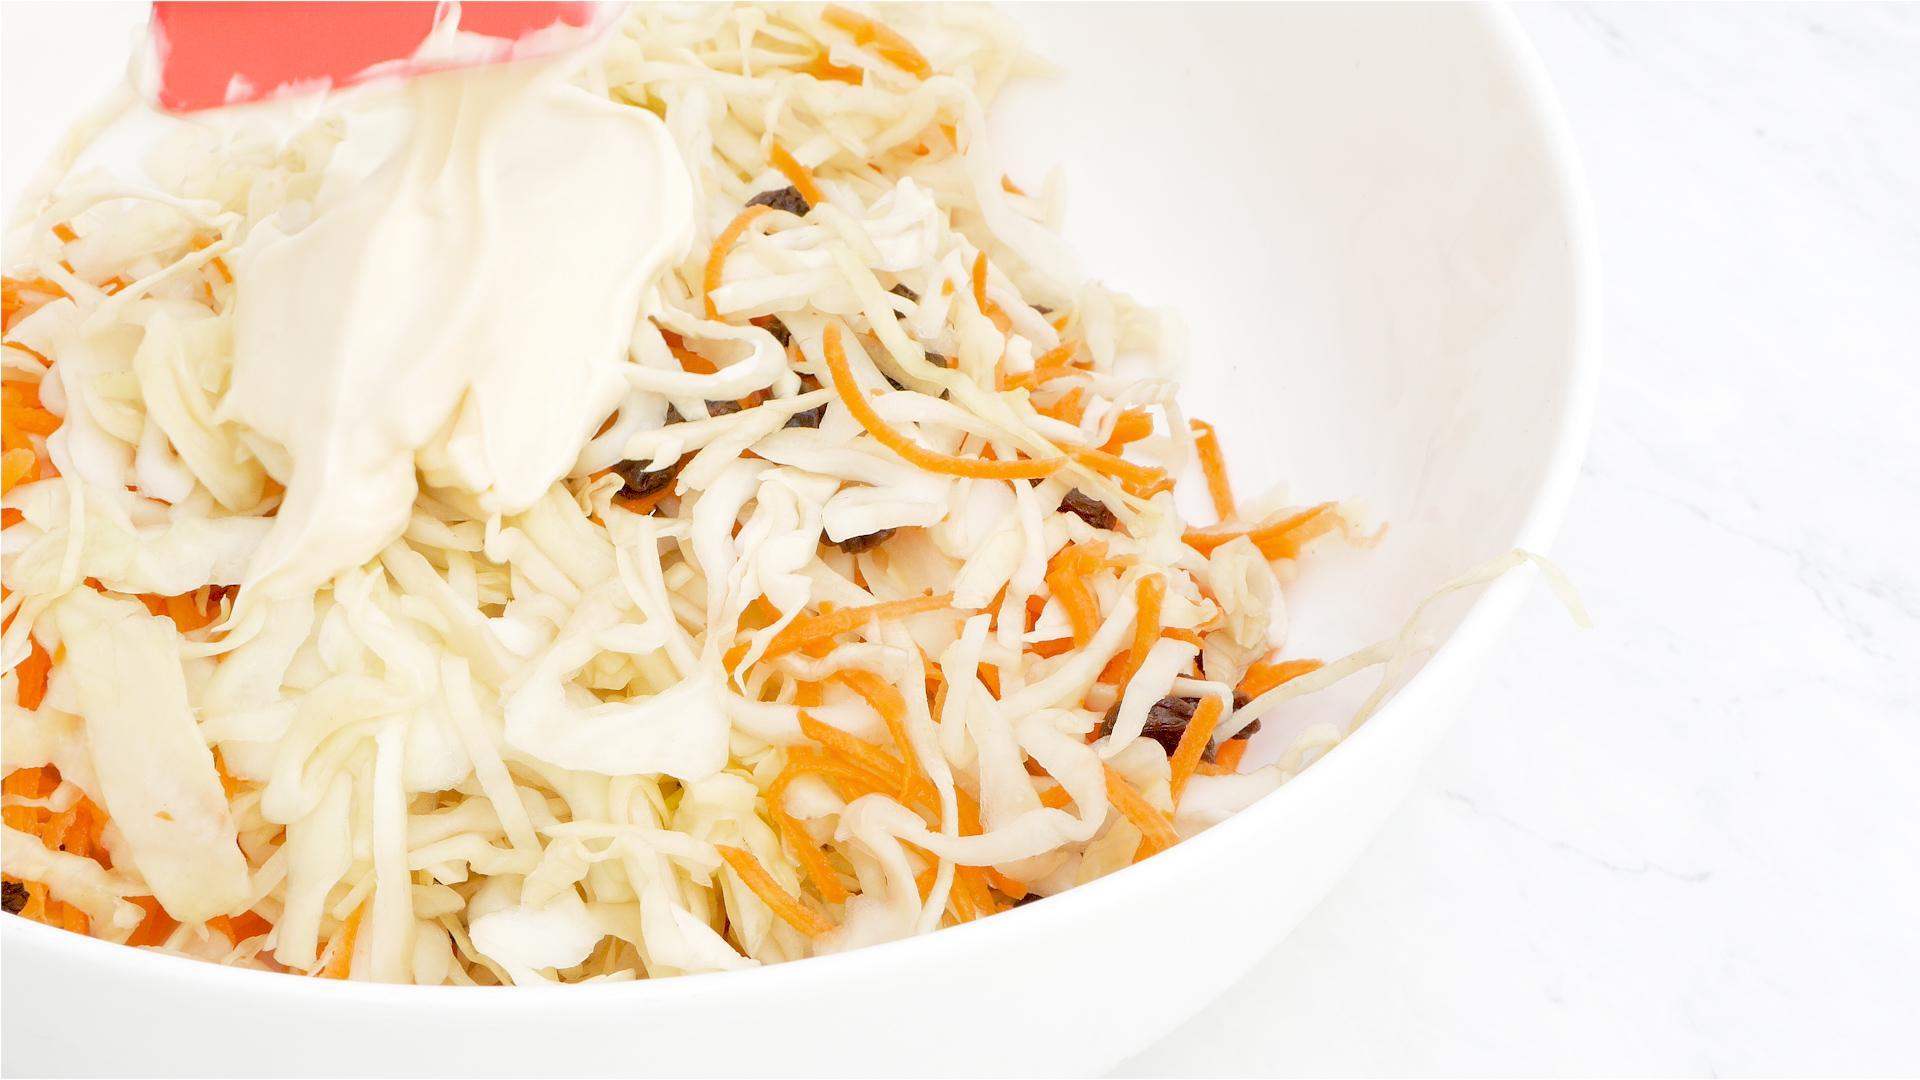 Sazonar la ensalada